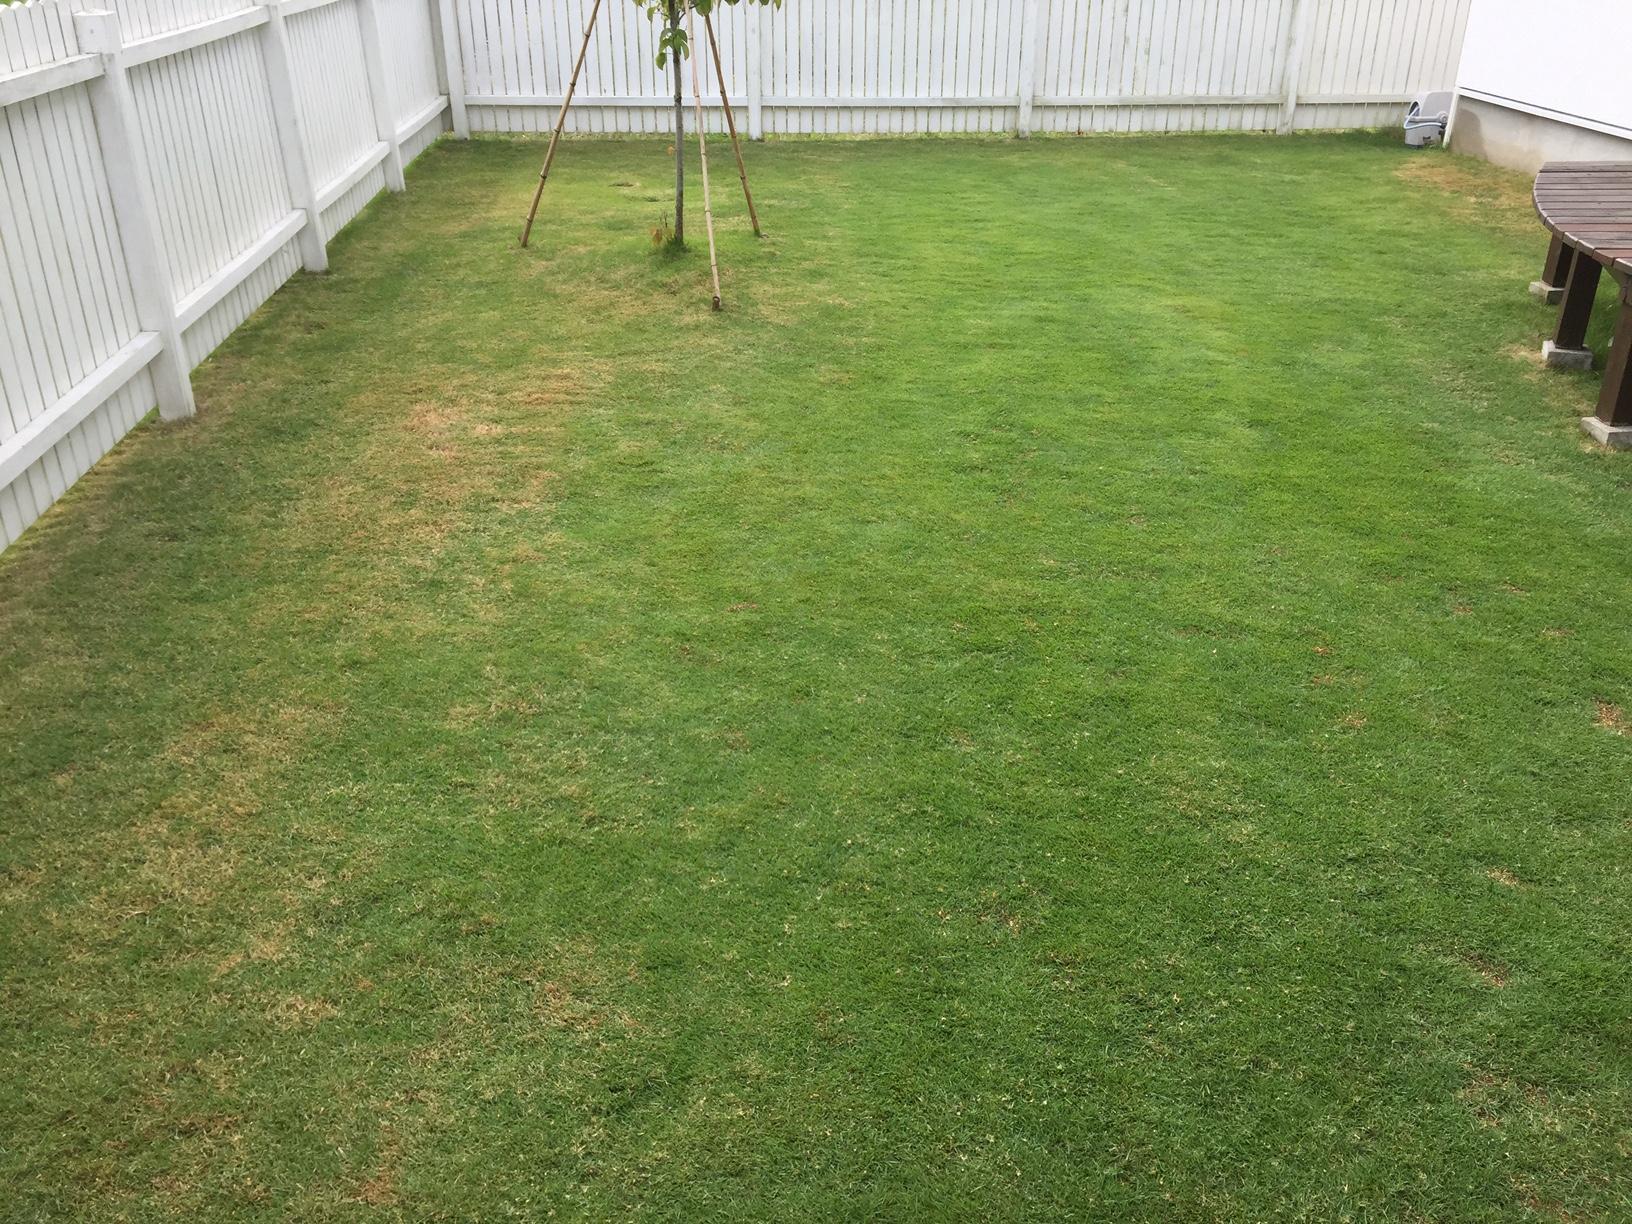 2020.06.22 芝生の状況(芝刈り&目土&施肥)